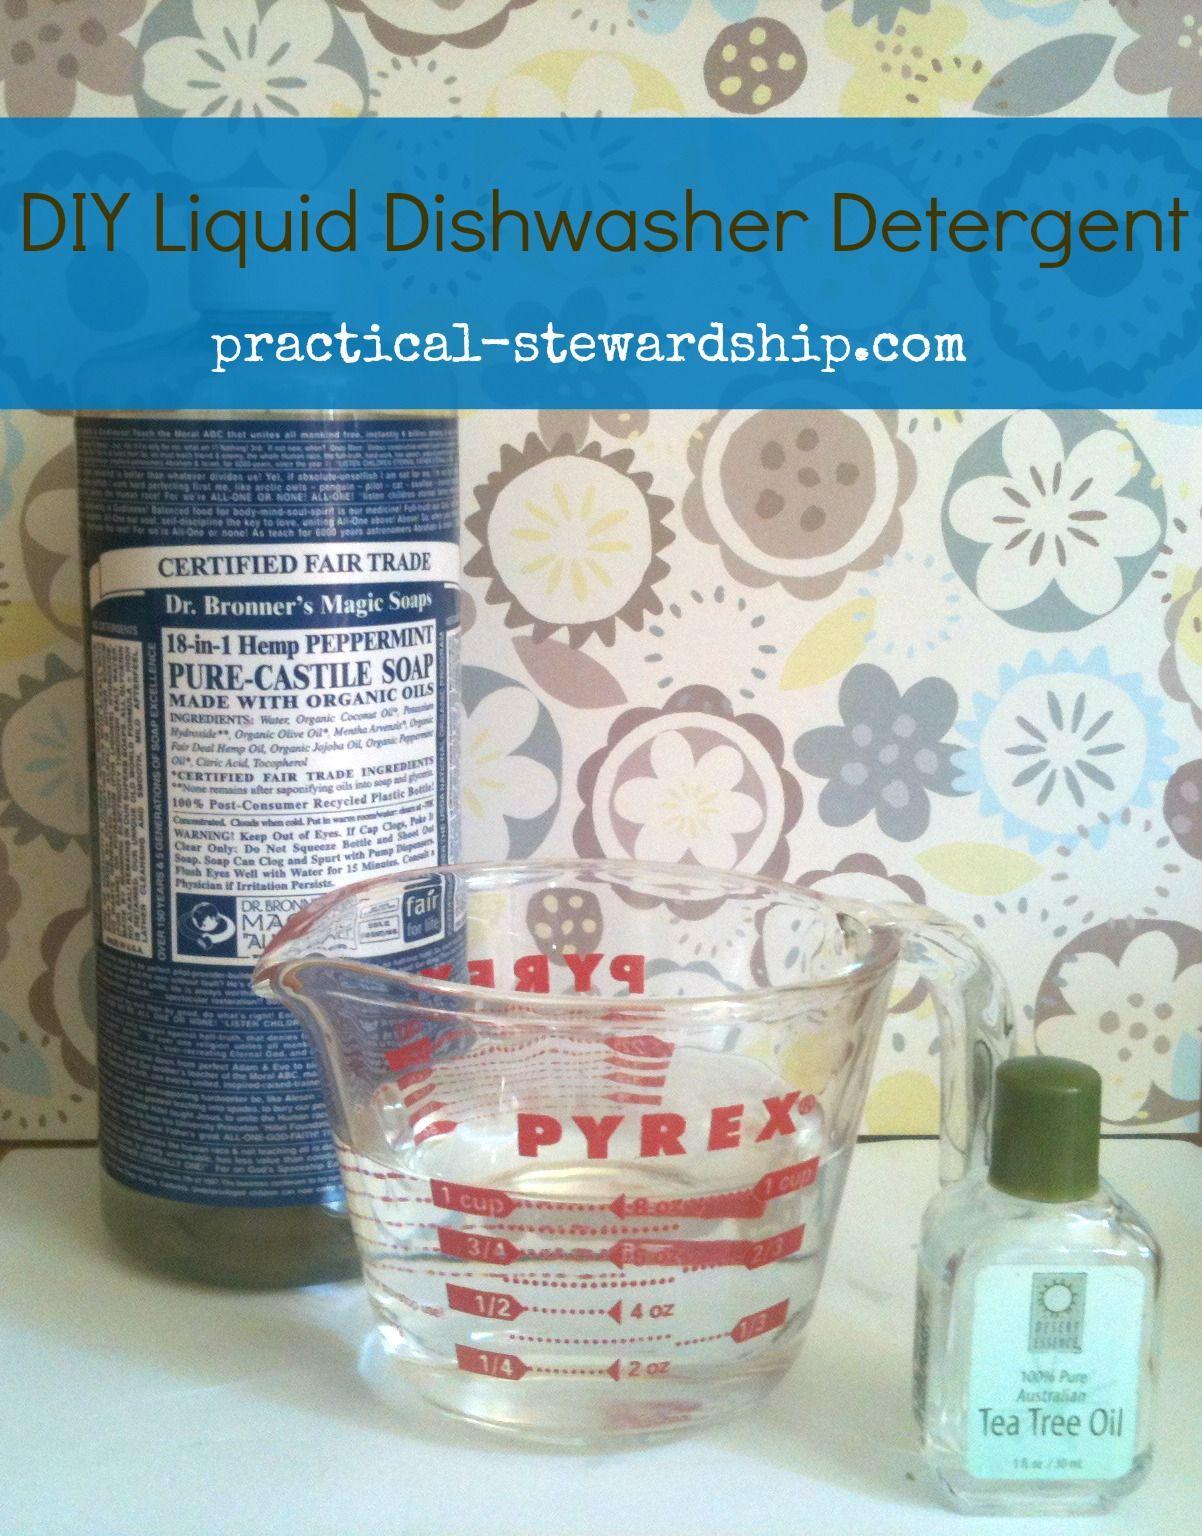 Diy Liquid Dishwasher Detergent Practical Stewardship Com